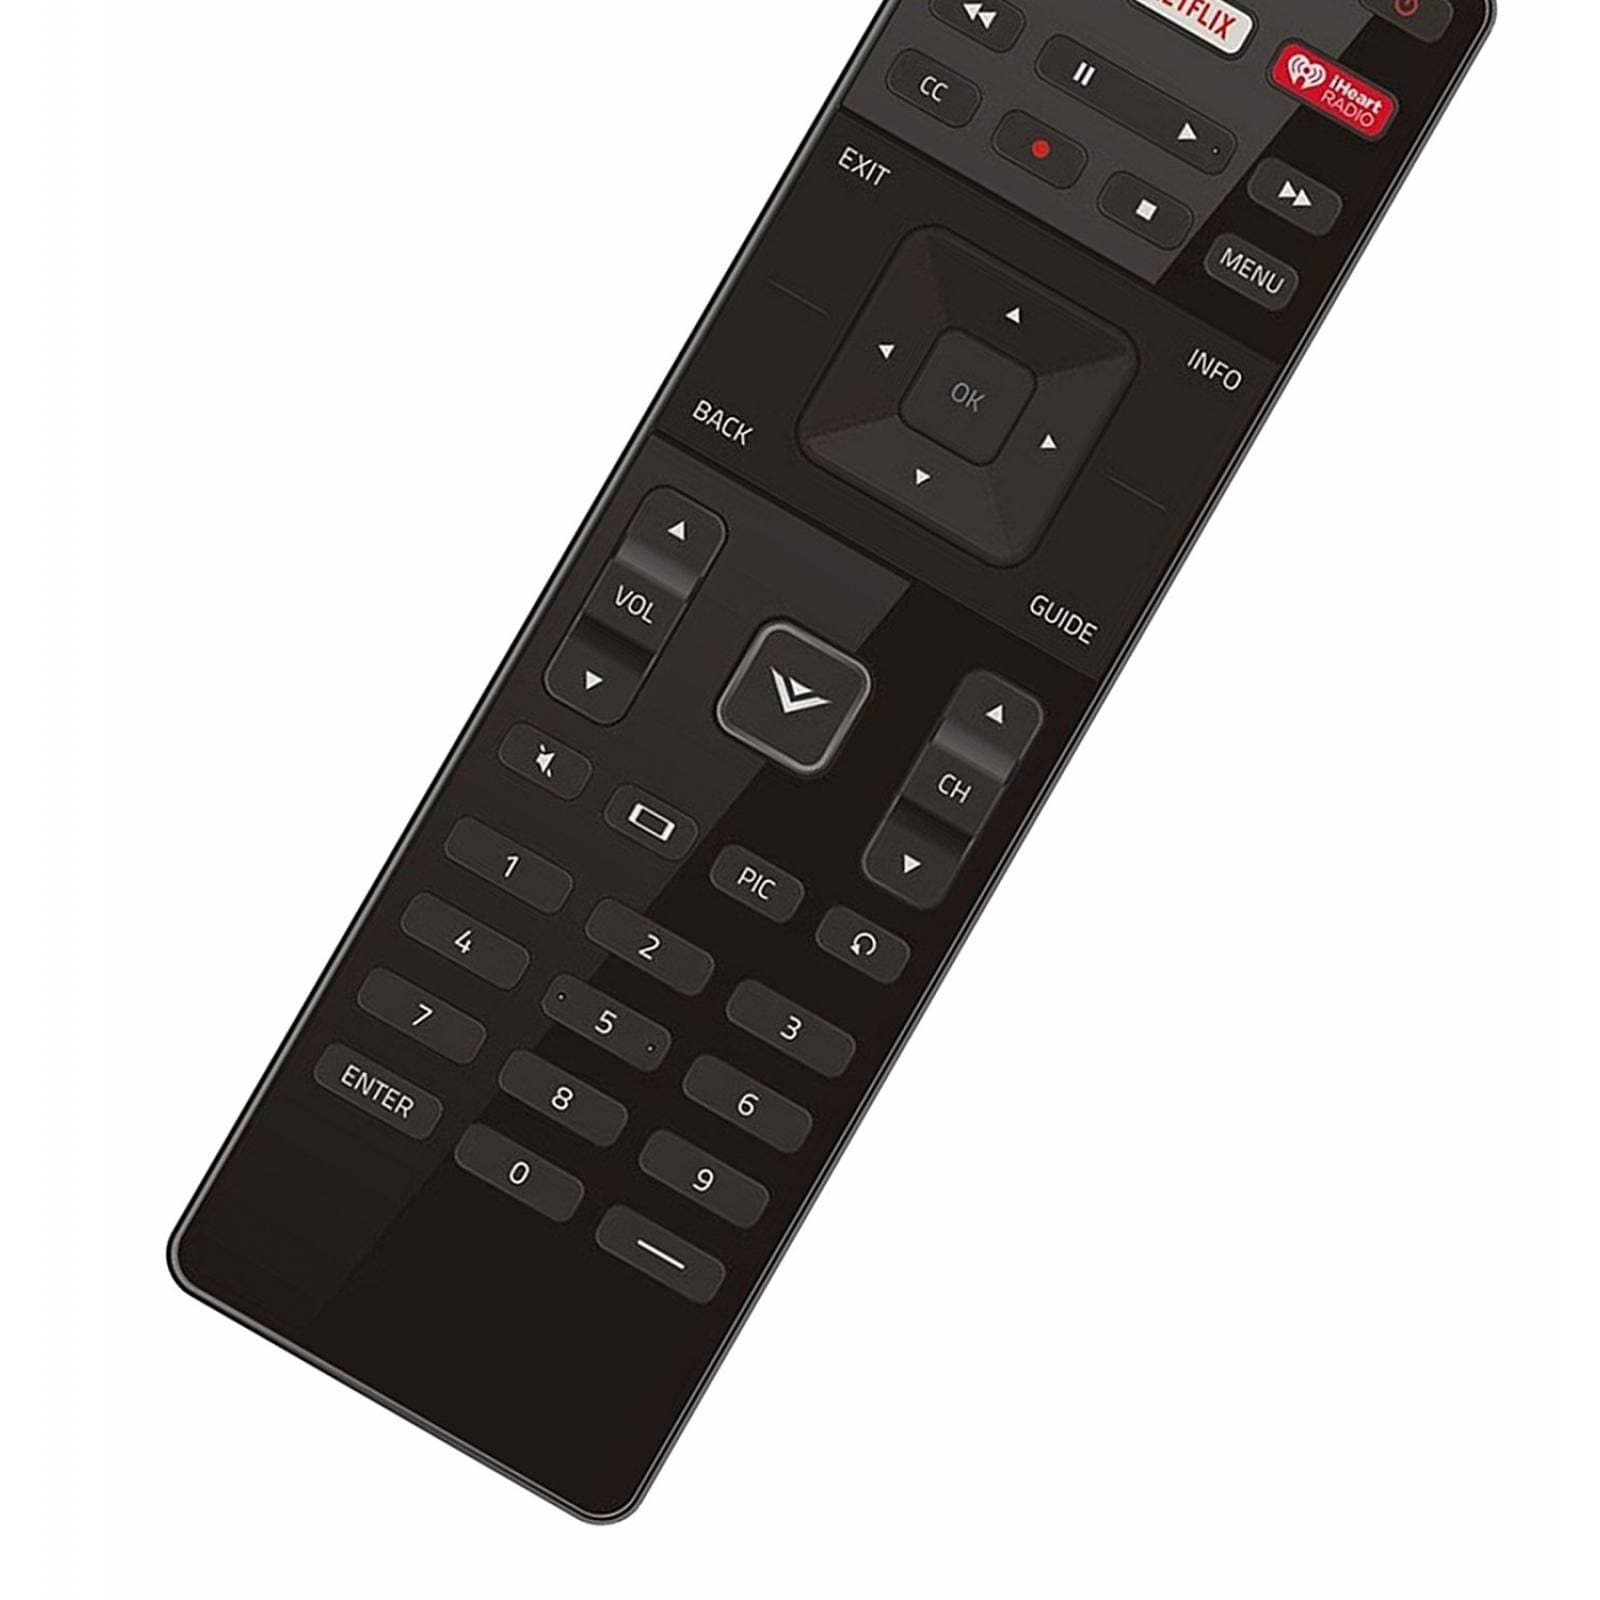 Nuevo Control remoto con XRT122 de Vizio LCD LED HD TV E28hc